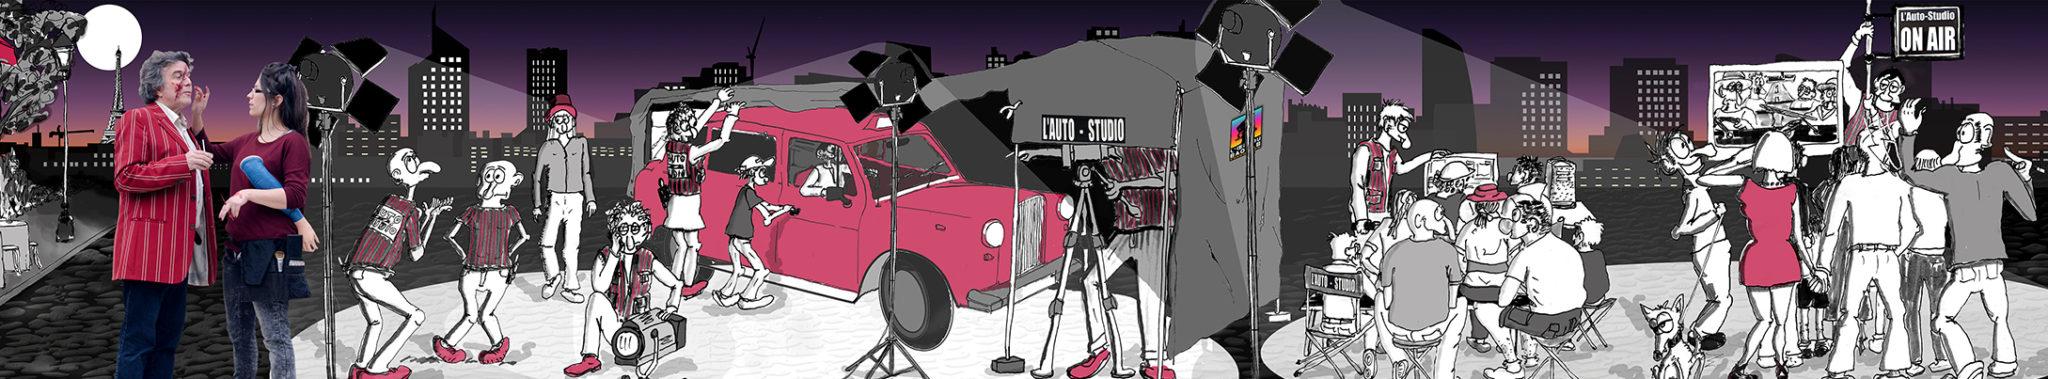 Lucas HÉBERLÉ #CV #Pro #Work L'Auto-Studio Tournage Spéctacle Fiction Court-métrage Institutionnel Evènement Web Cinéma